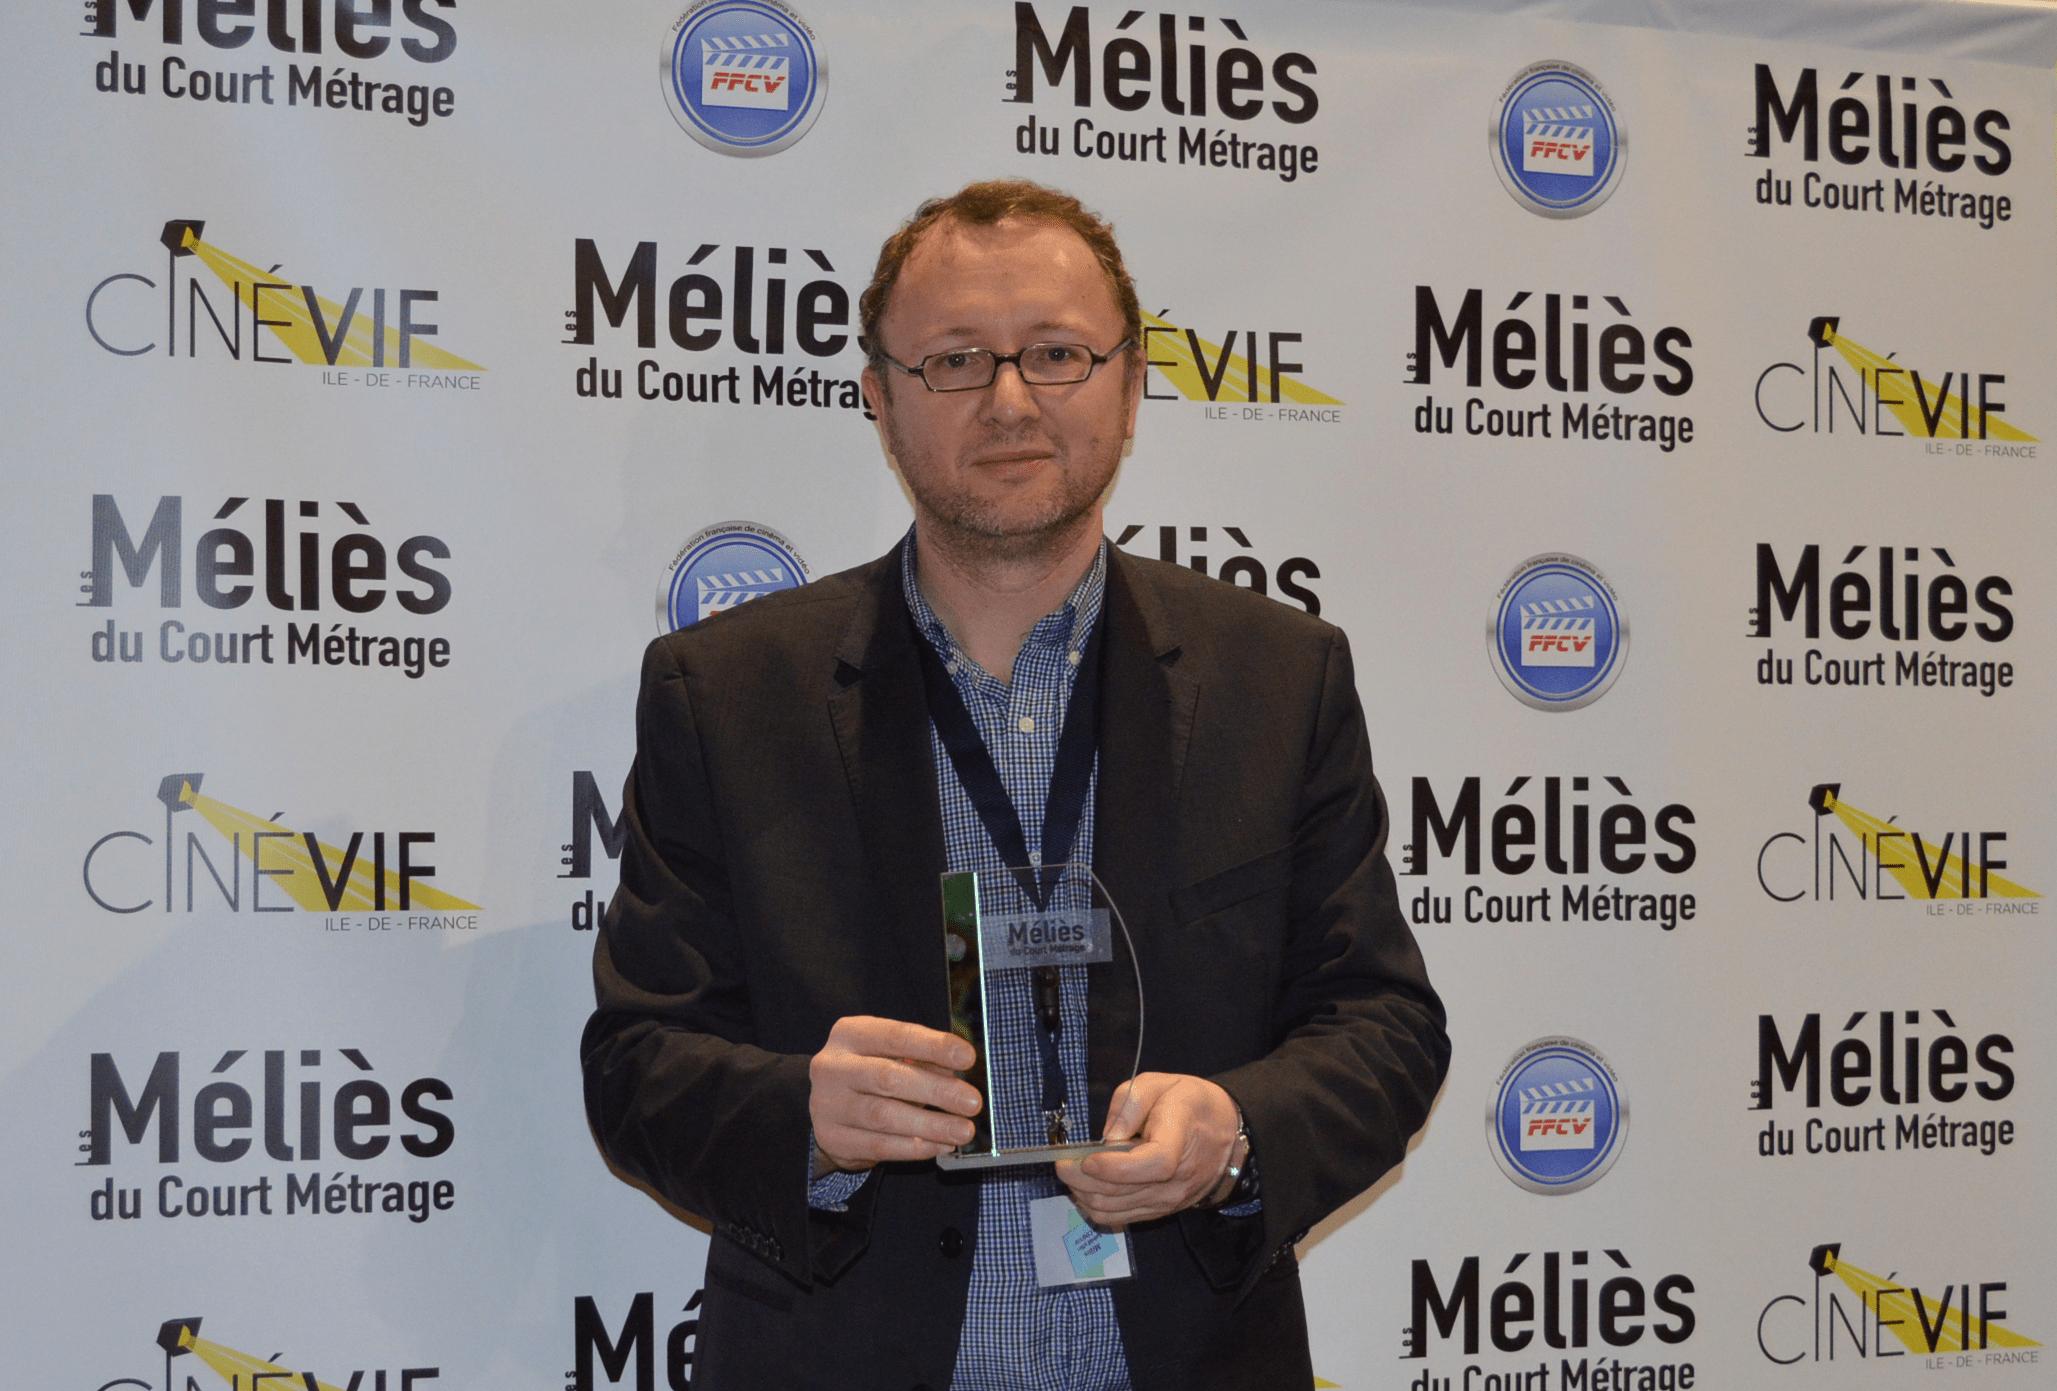 Prix Méliès 2018